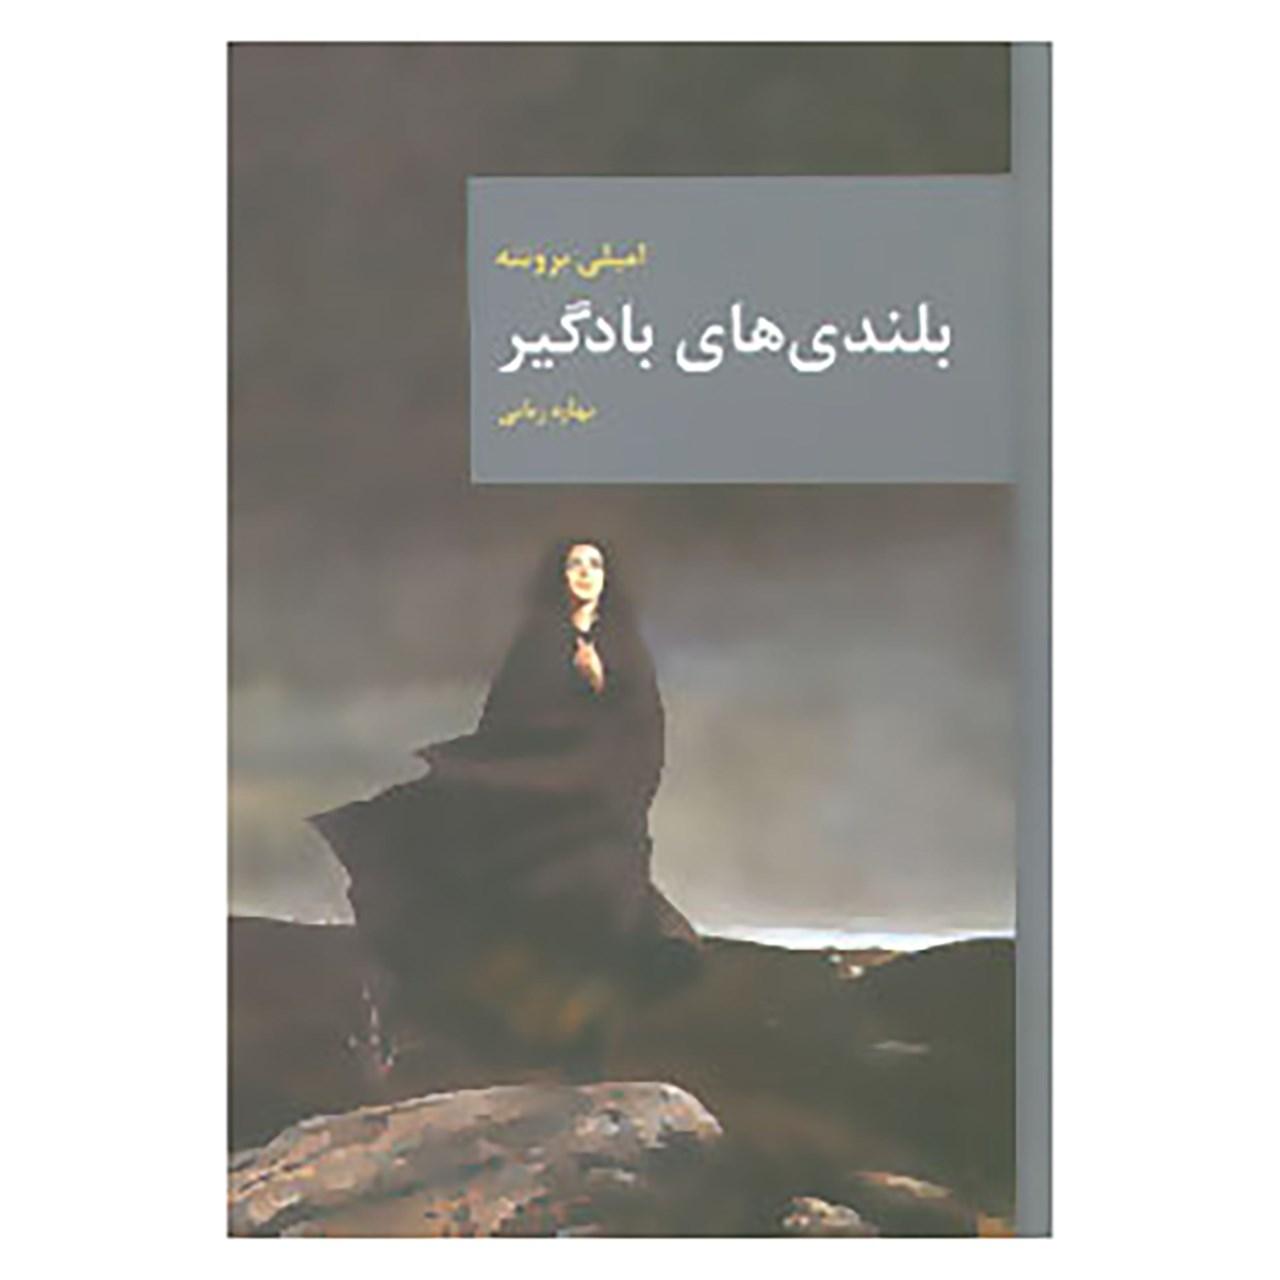 کتاب رمان های بزرگ جهان 7 اثر امیلی برونته